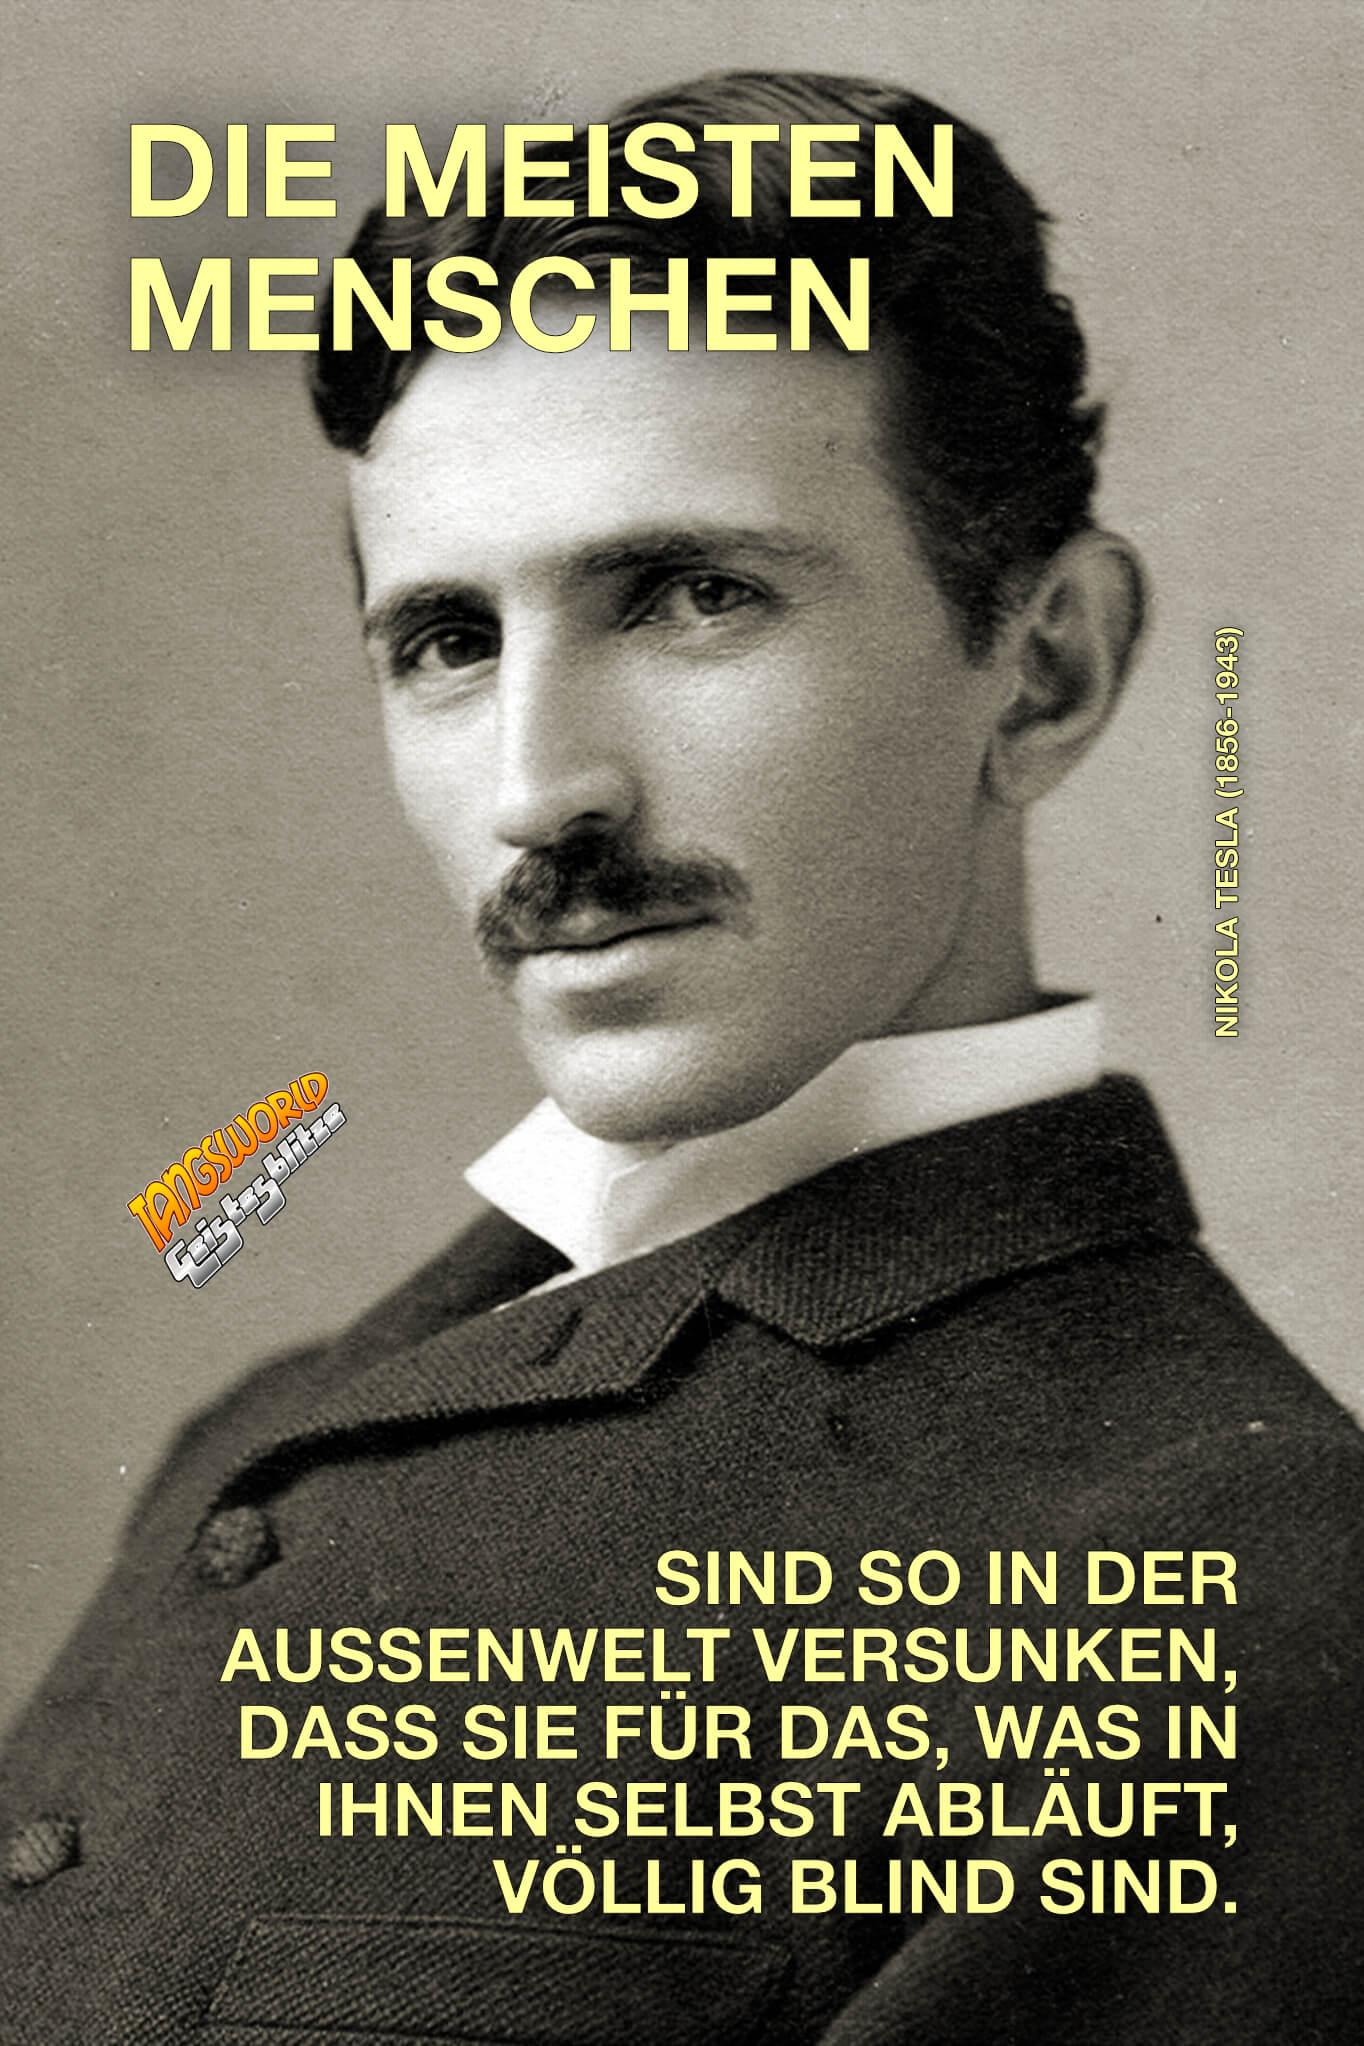 Die meisten Menschen sind so in der Außenwelt versunken, dass sie für das, was in ihnen selbst abläuft, völlig blind sind. - Geistesblitze | Nikola Tesla